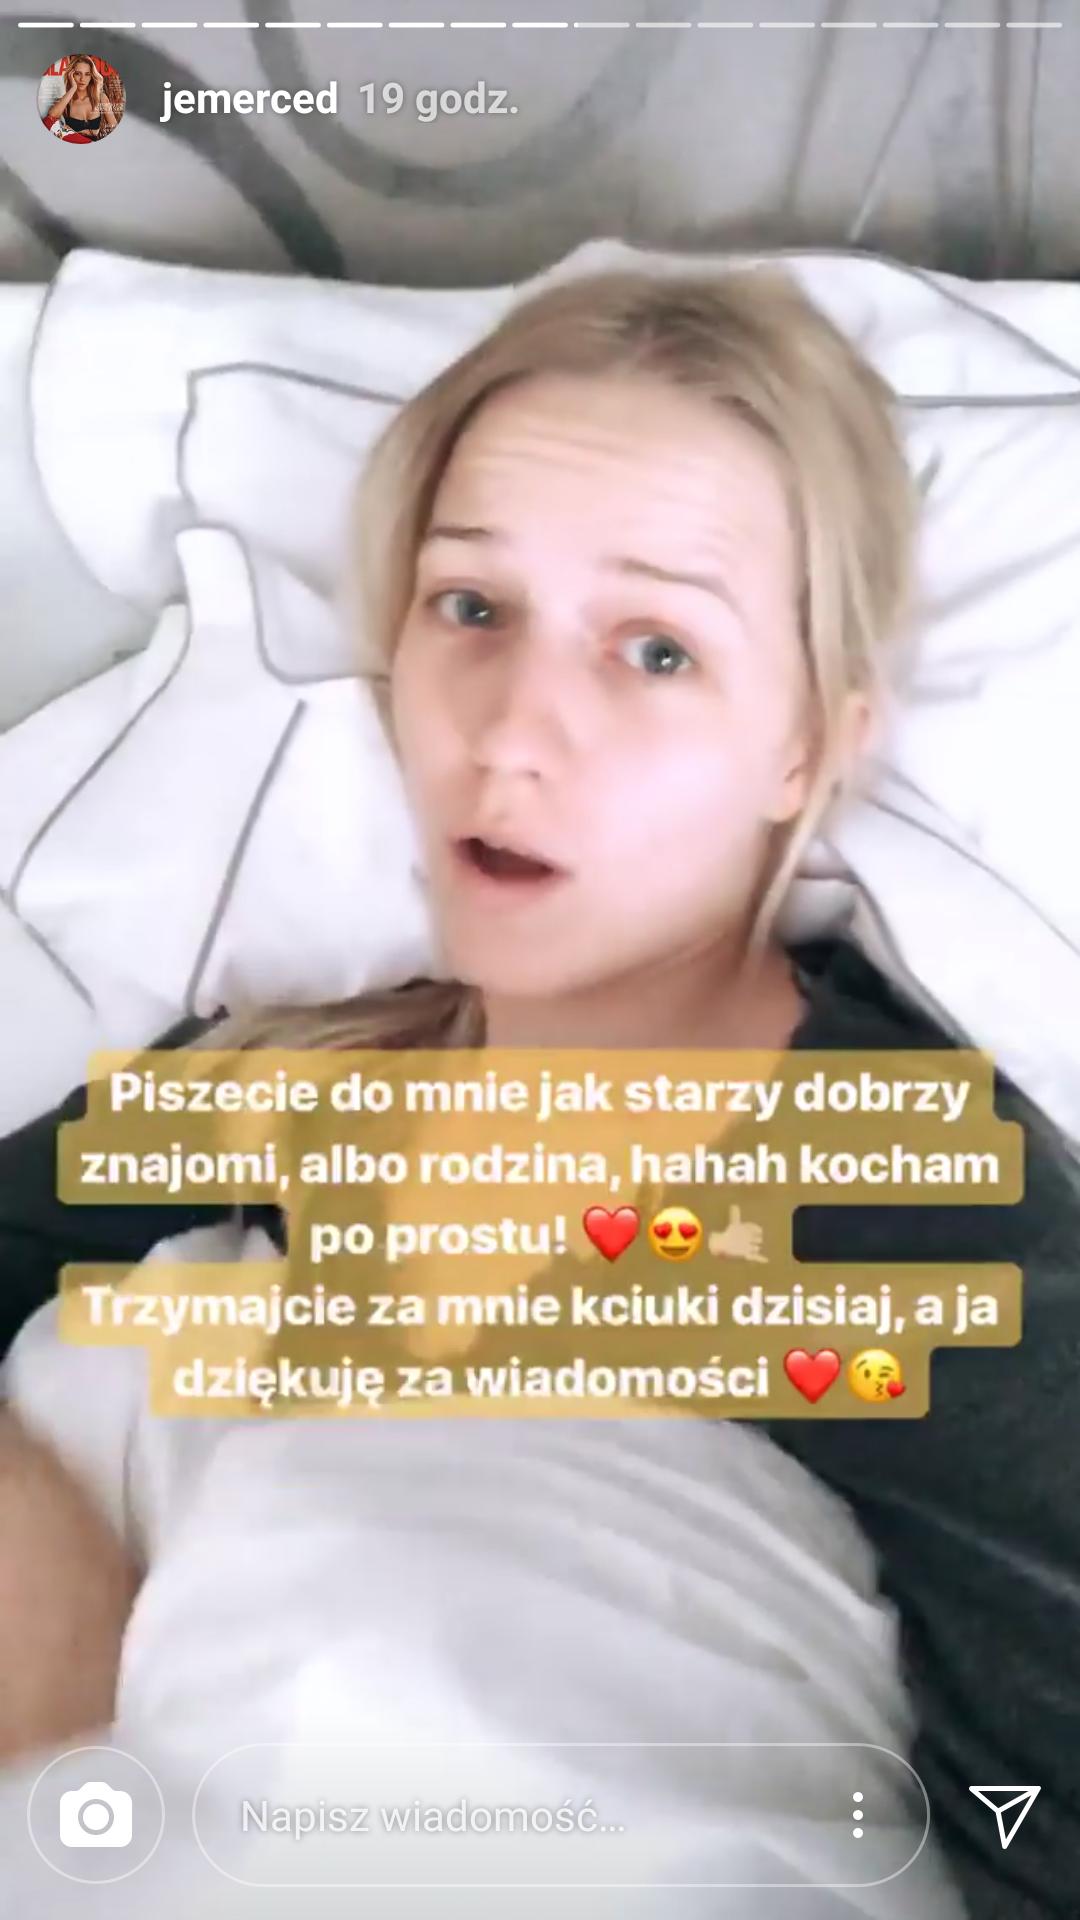 Jessica Mercedes pokazała operację żuchwy na Instagramie